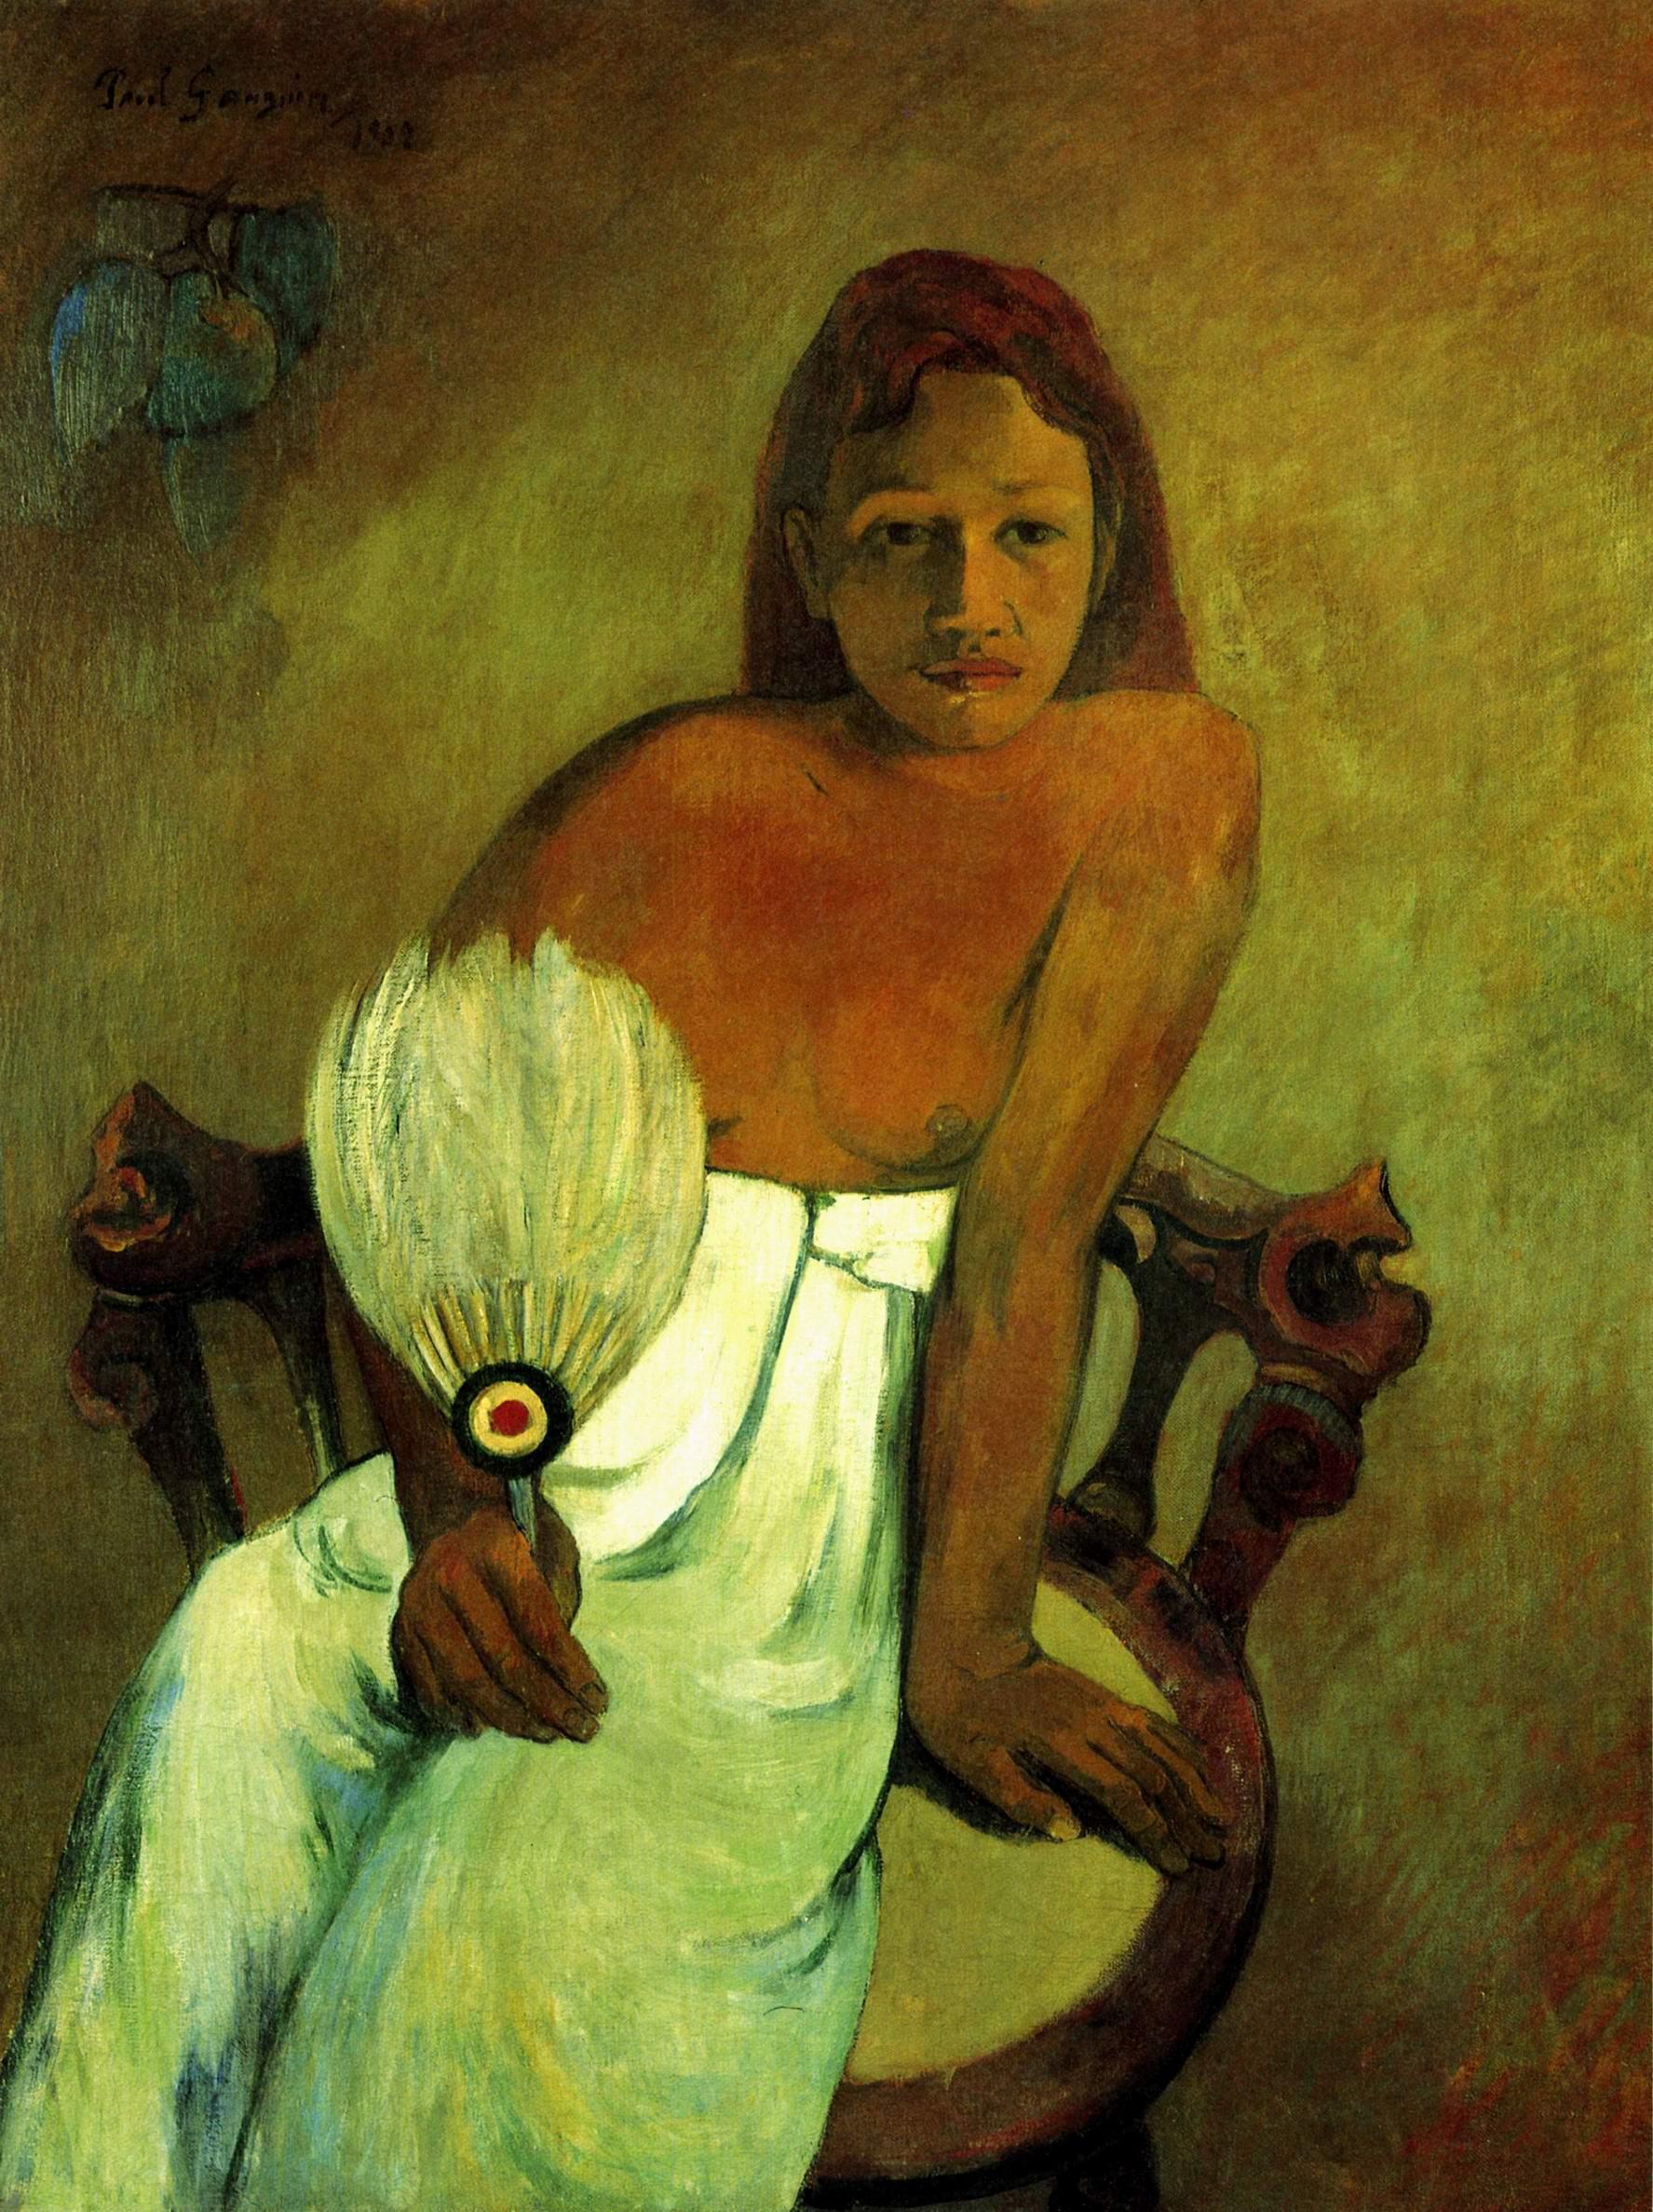 Юная девушка с веером, Поль Гоген